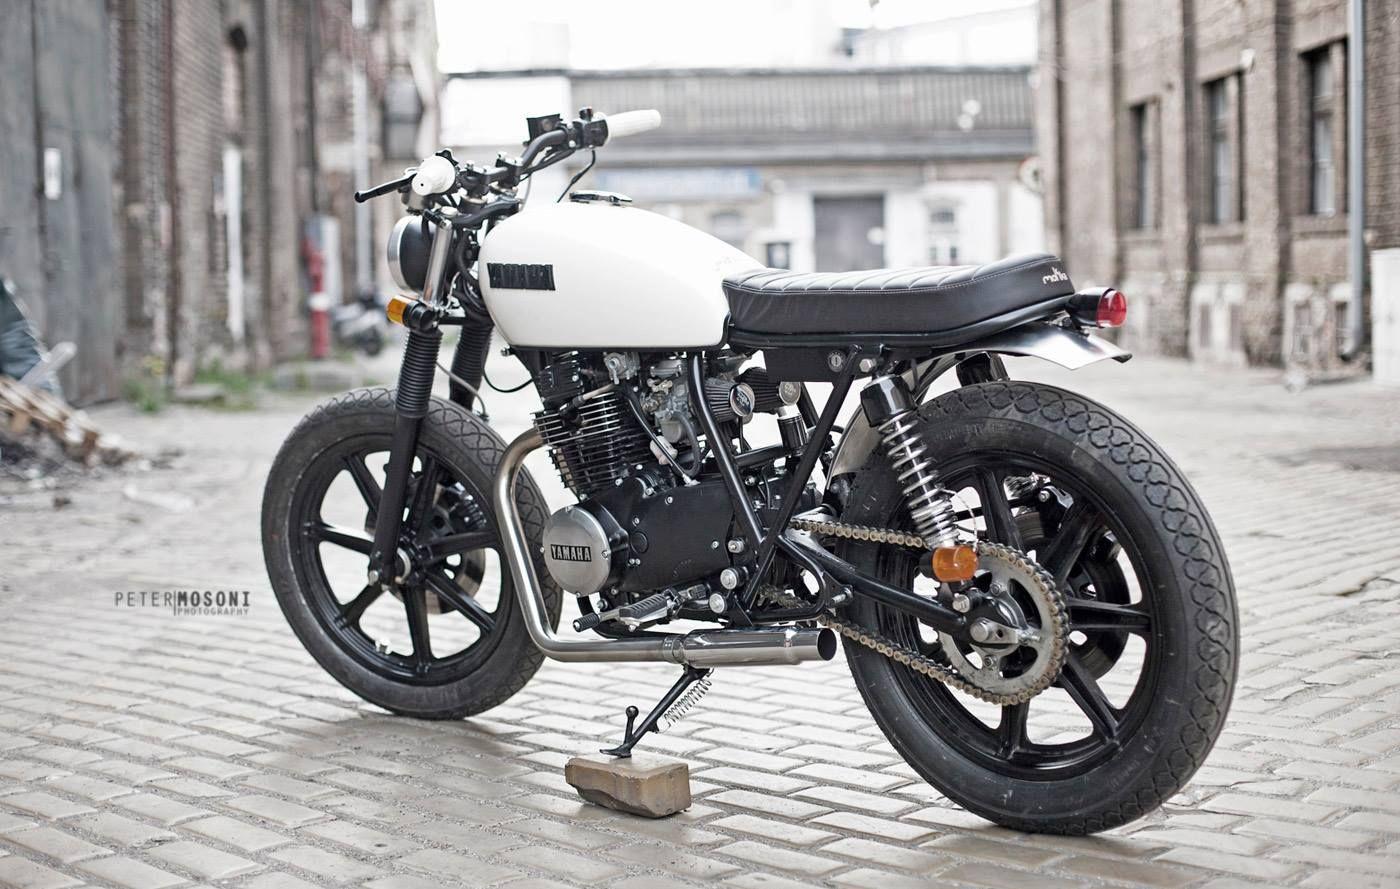 mokka01 - yamaha xs250 | car&motorcycle | pinterest | cars